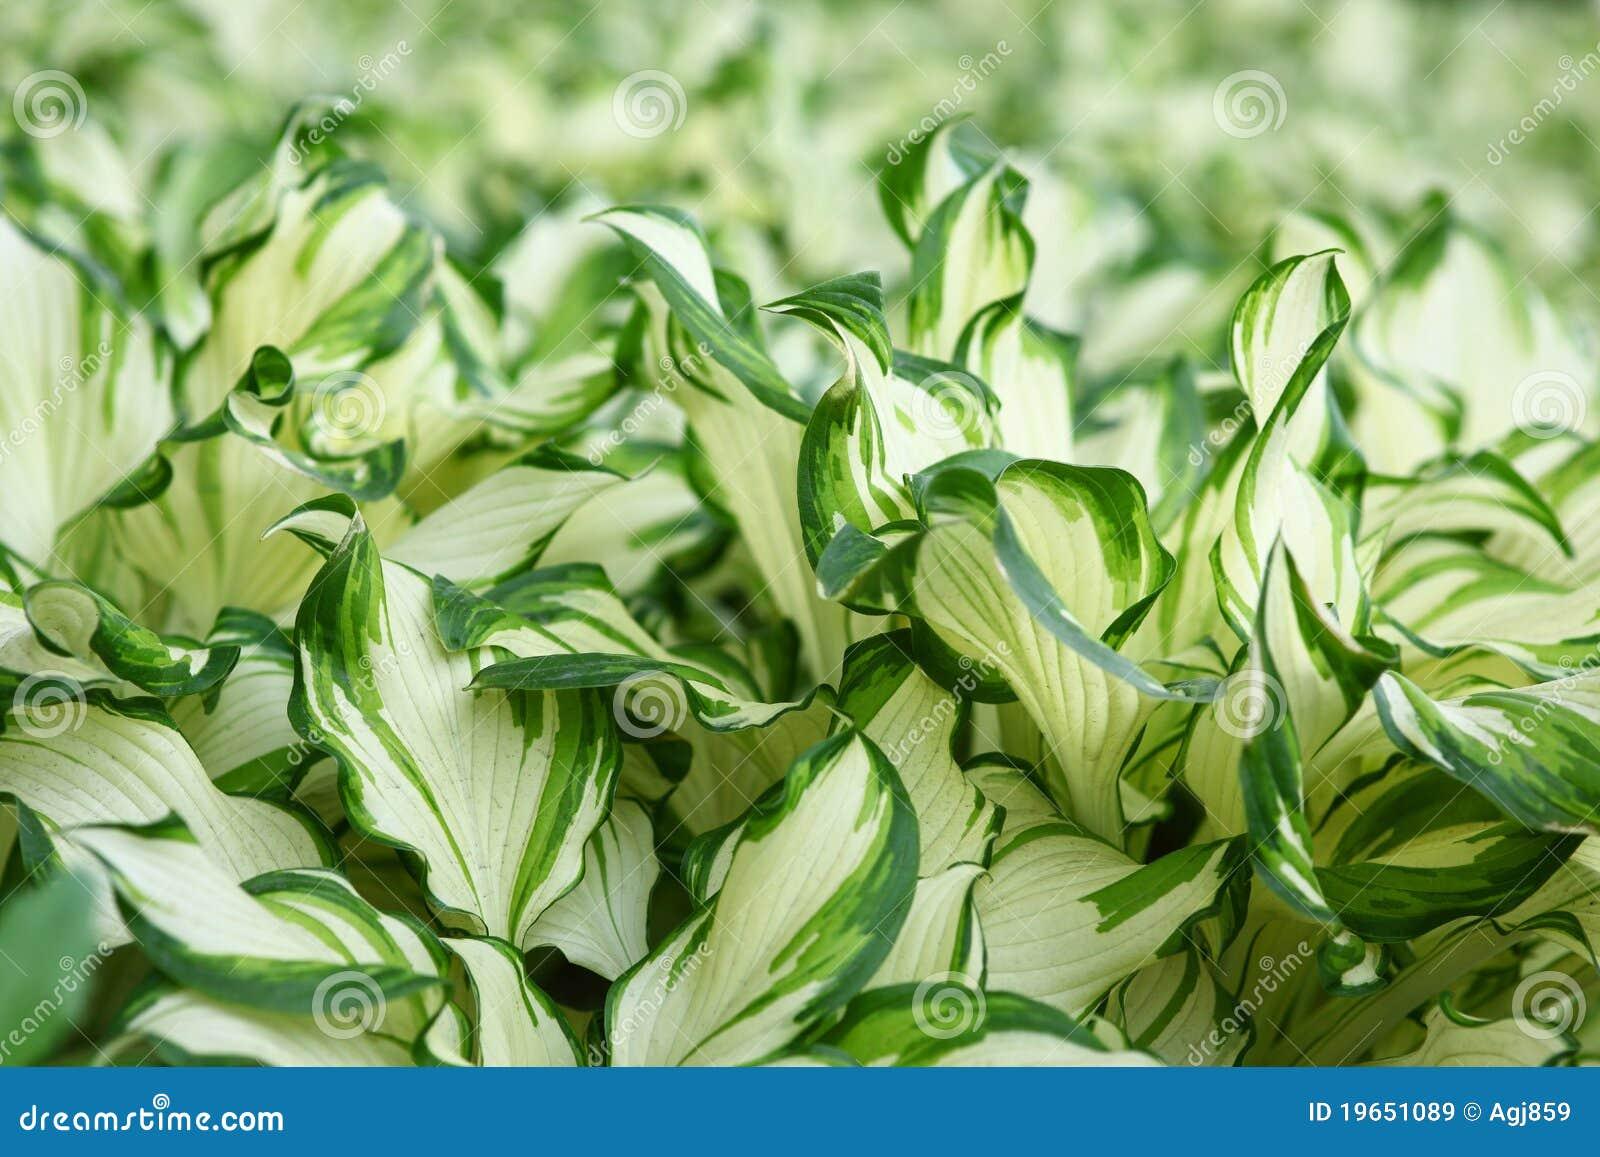 plantas jardim fotos : plantas jardim fotos:Plantas Na Borda Do Verde Do Jardim Imagens de Stock Royalty Free